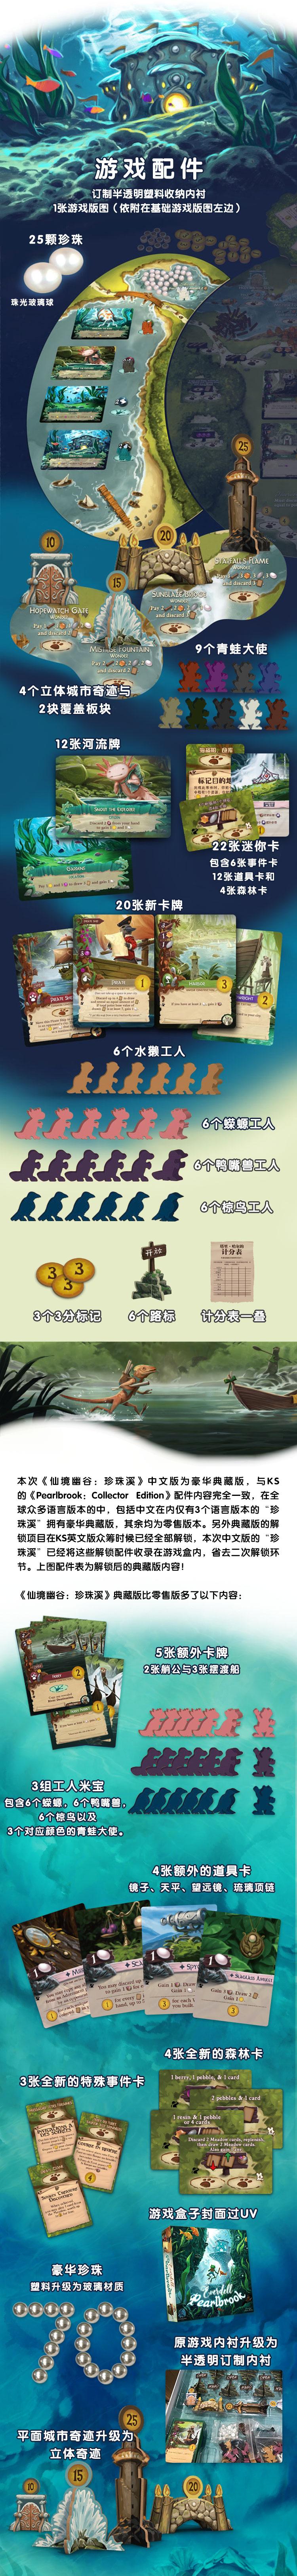 仙境幽谷扩展页面1-珍珠溪10_02.jpg